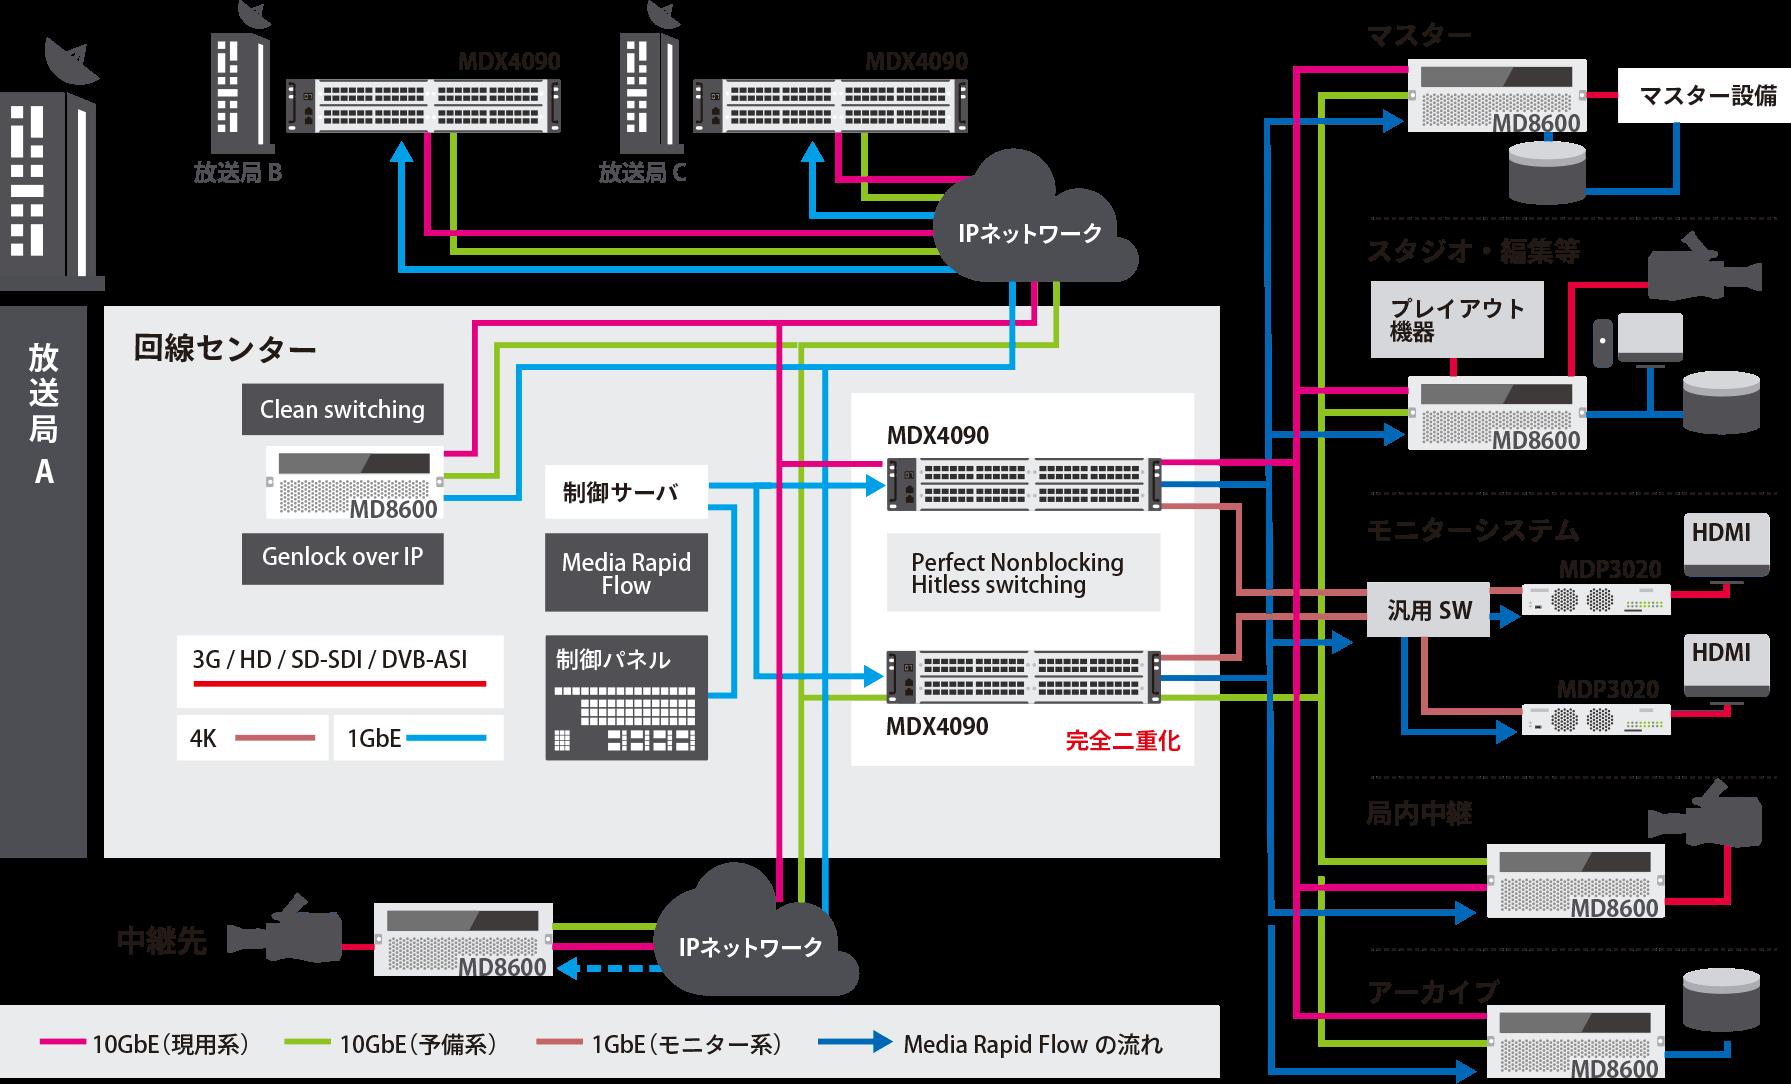 局内IP-VRシステム概要